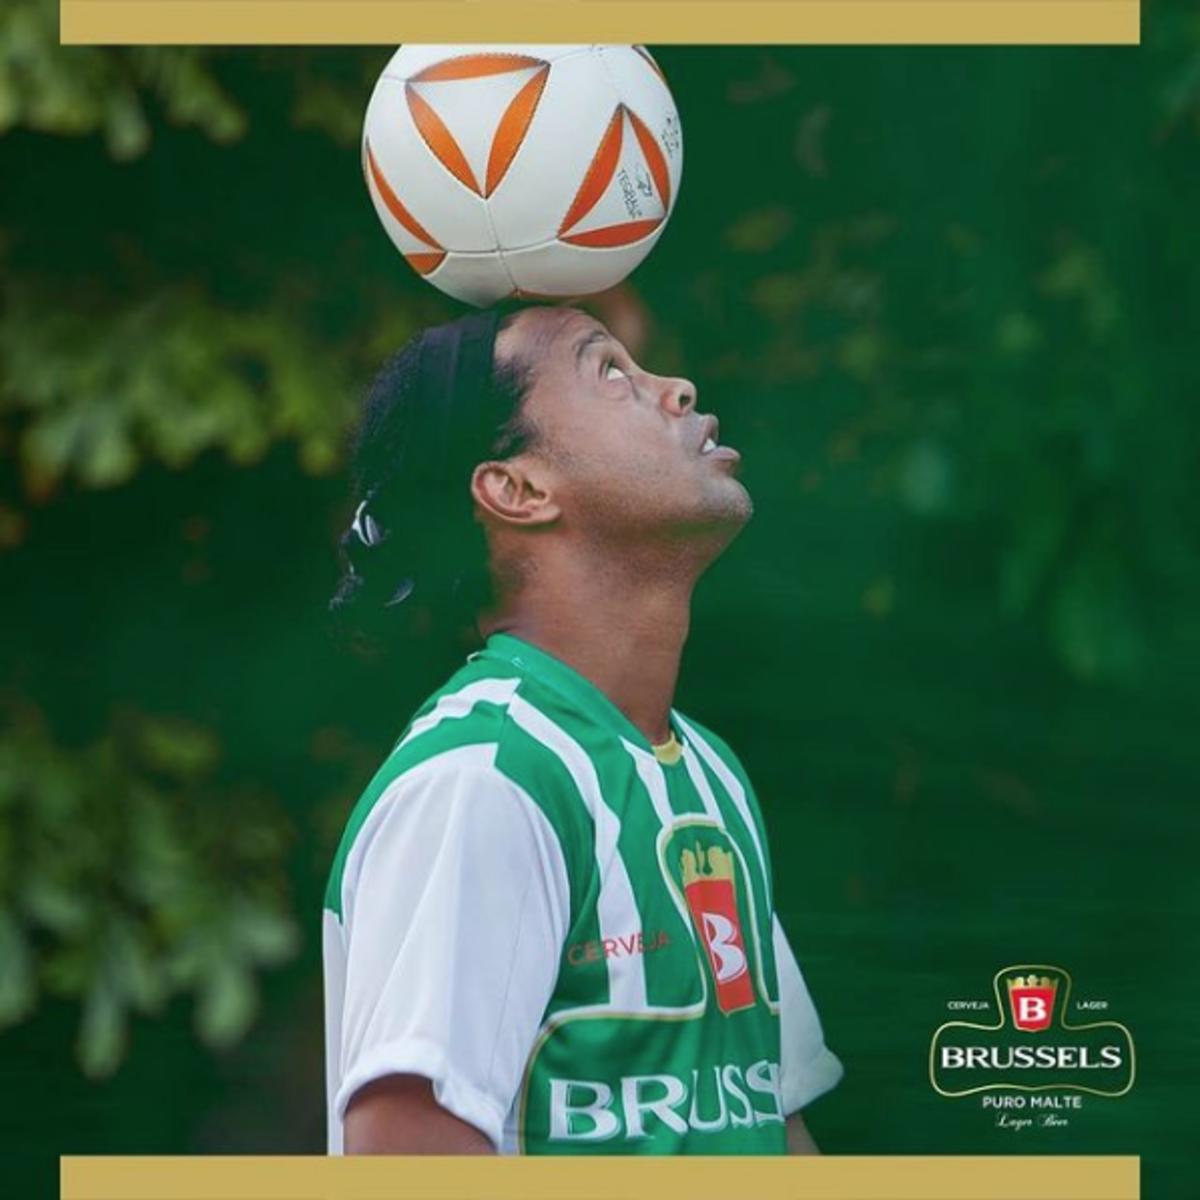 Fotografei Ronaldinho Gaúcho o garoto propaganda da Cerveja Brussels dominando a bola